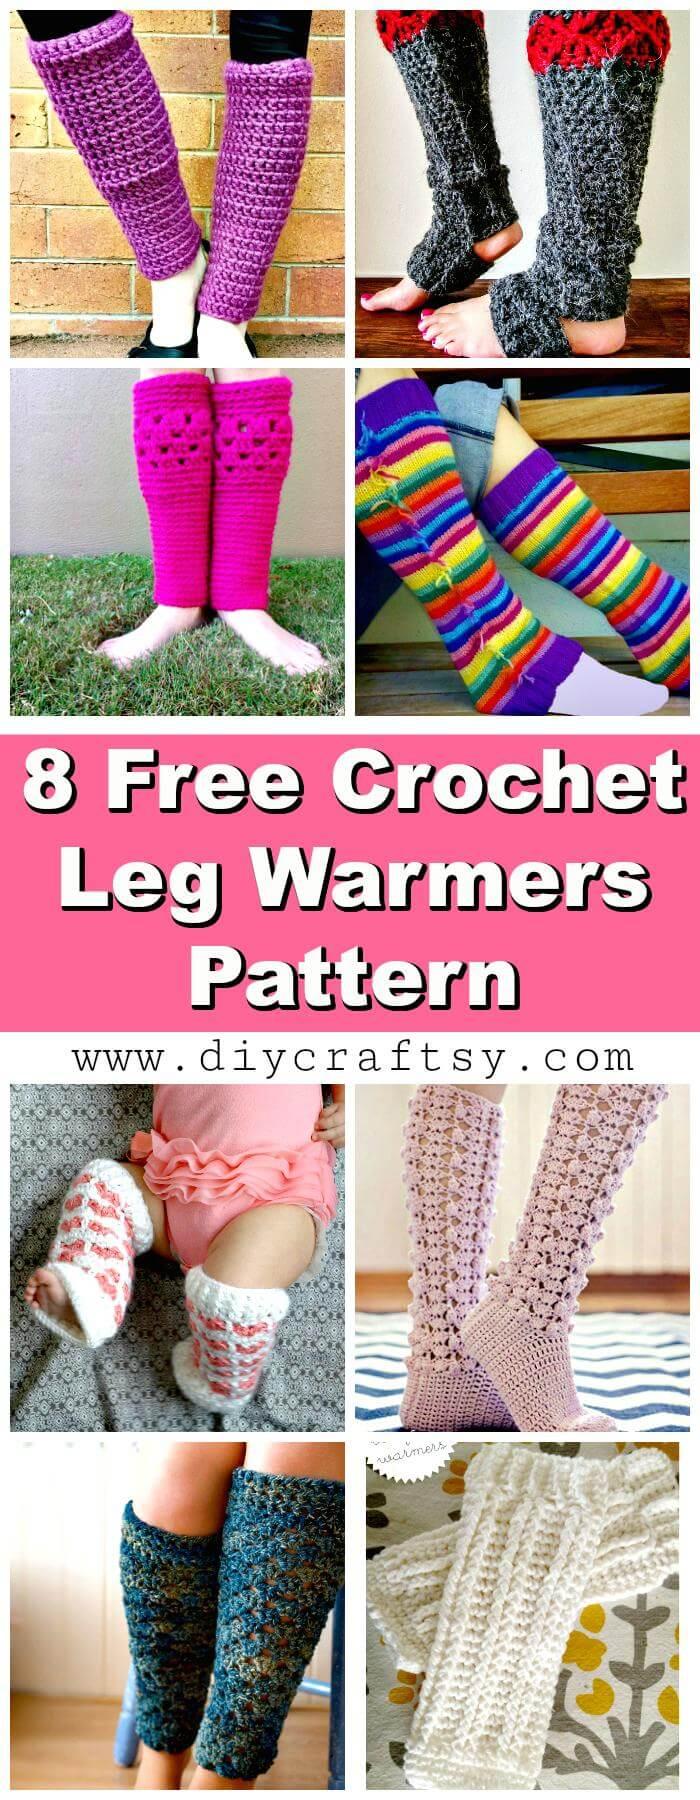 Calentadores de piernas de ganchillo - 8 patrones de calentadores de piernas de ganchillo gratis - Crochet